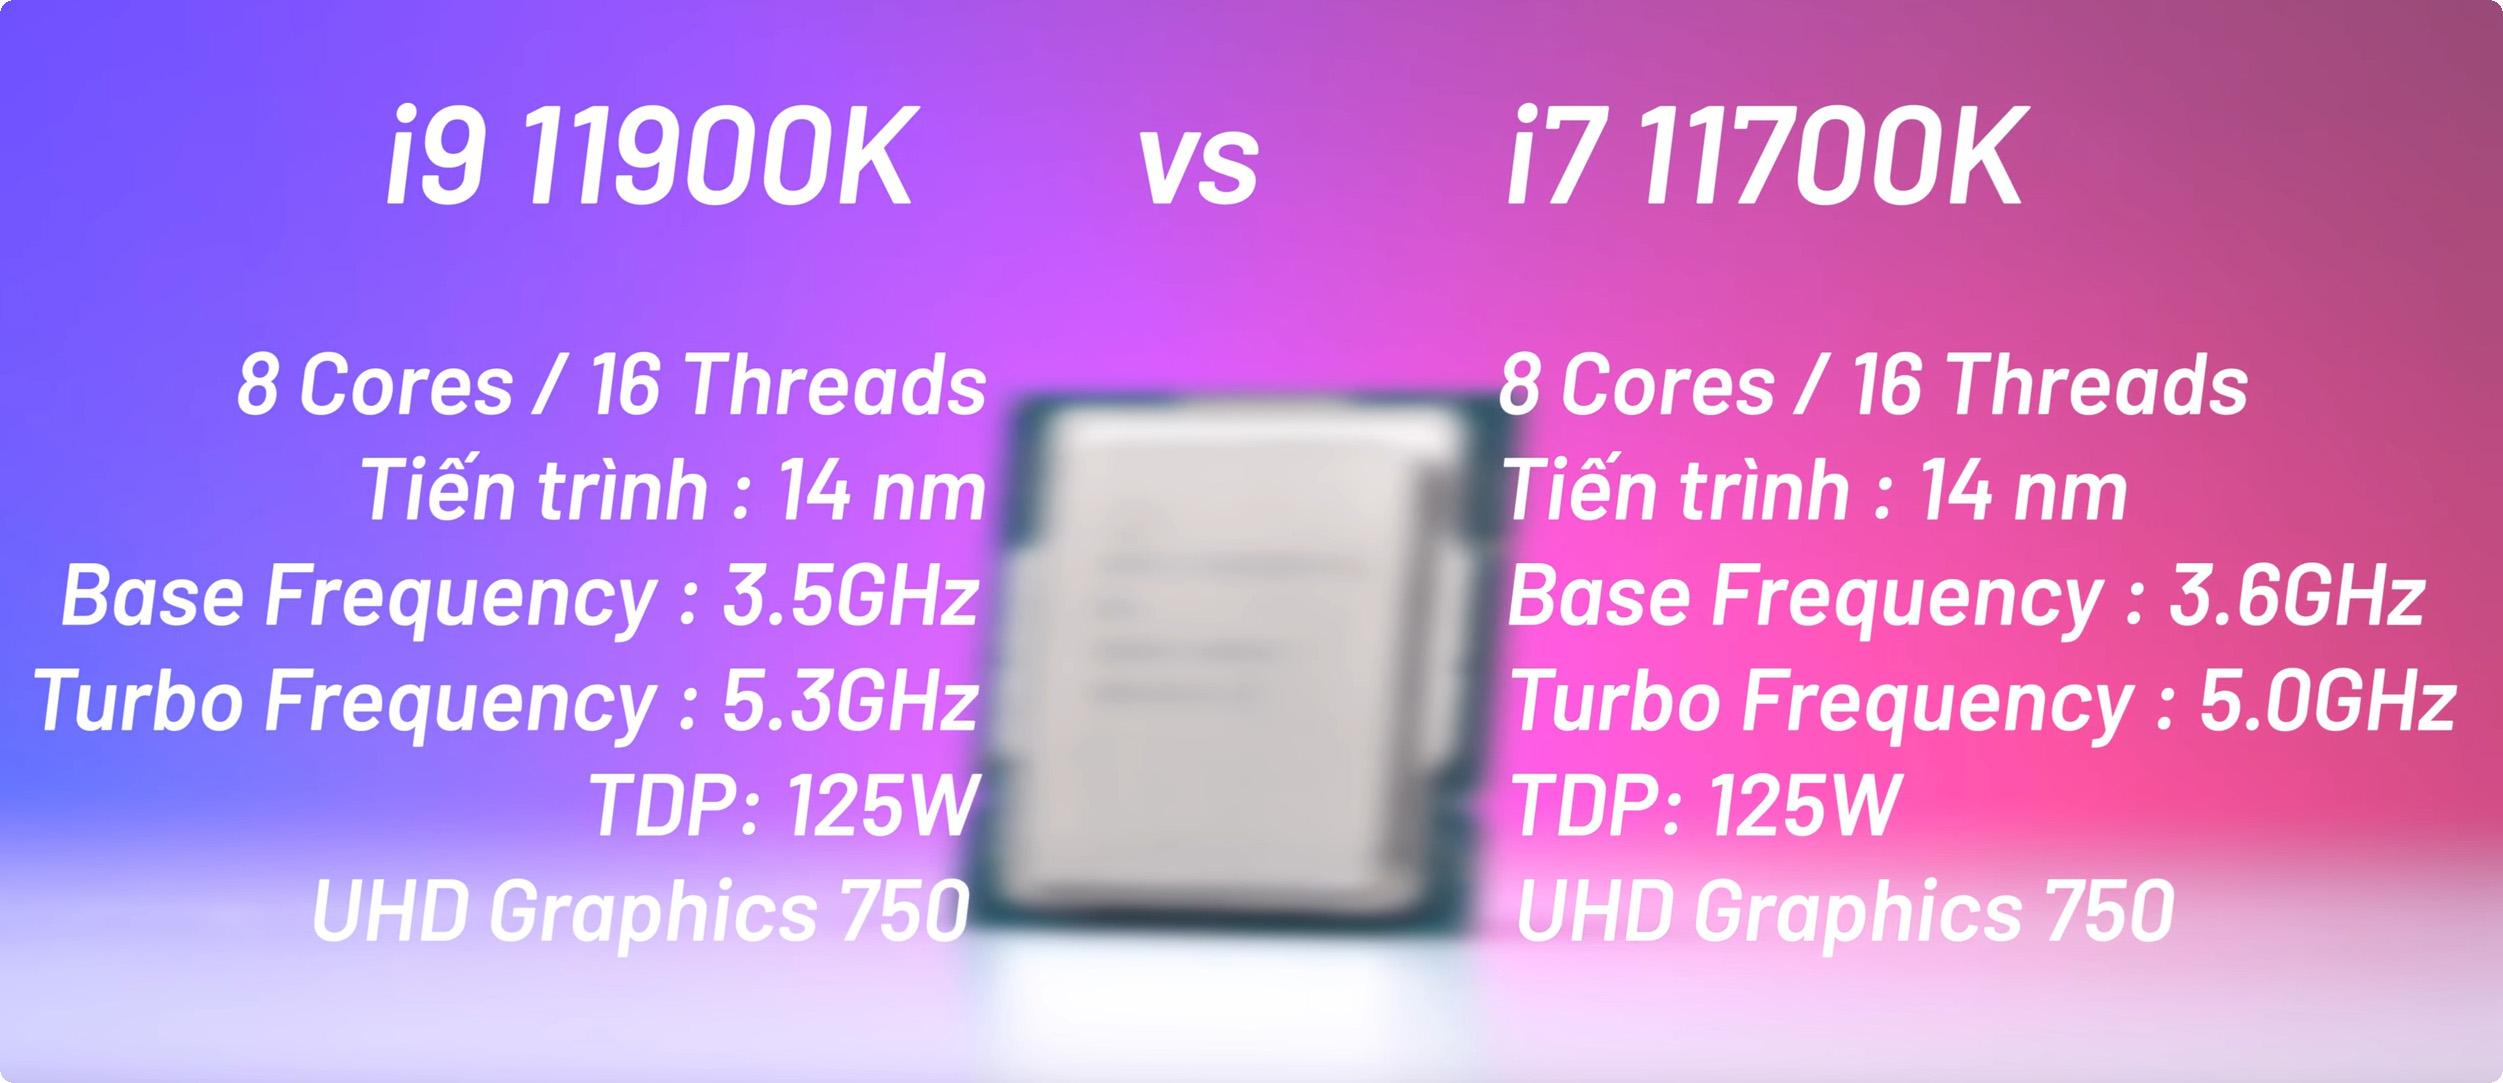 i9-11900k vs i7-11700k